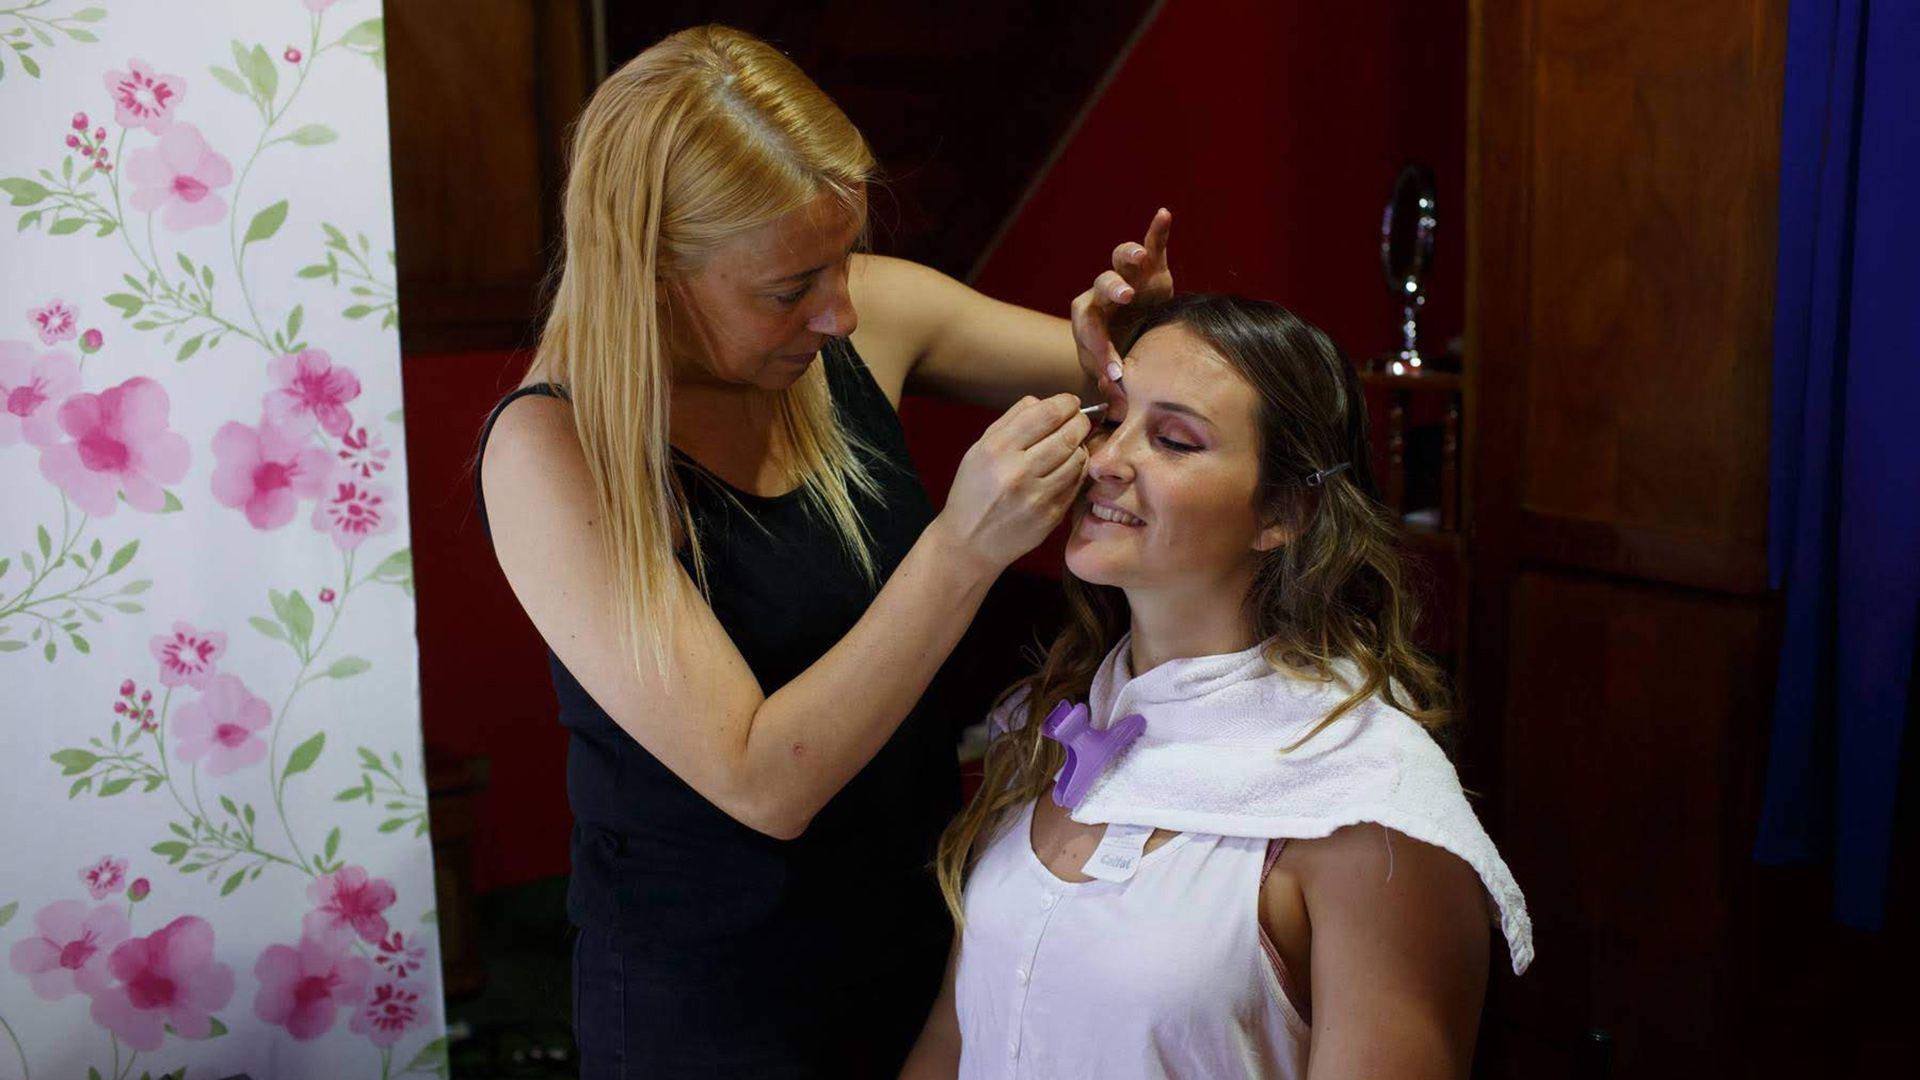 """Fernanda Pirtze es cosmiatra y hace maquillaje para eventos: """"La gente fue cancelando los turnos antes. Nadie quería gastar en servicios que no son prioritarios y tenían miedo al contagio""""."""